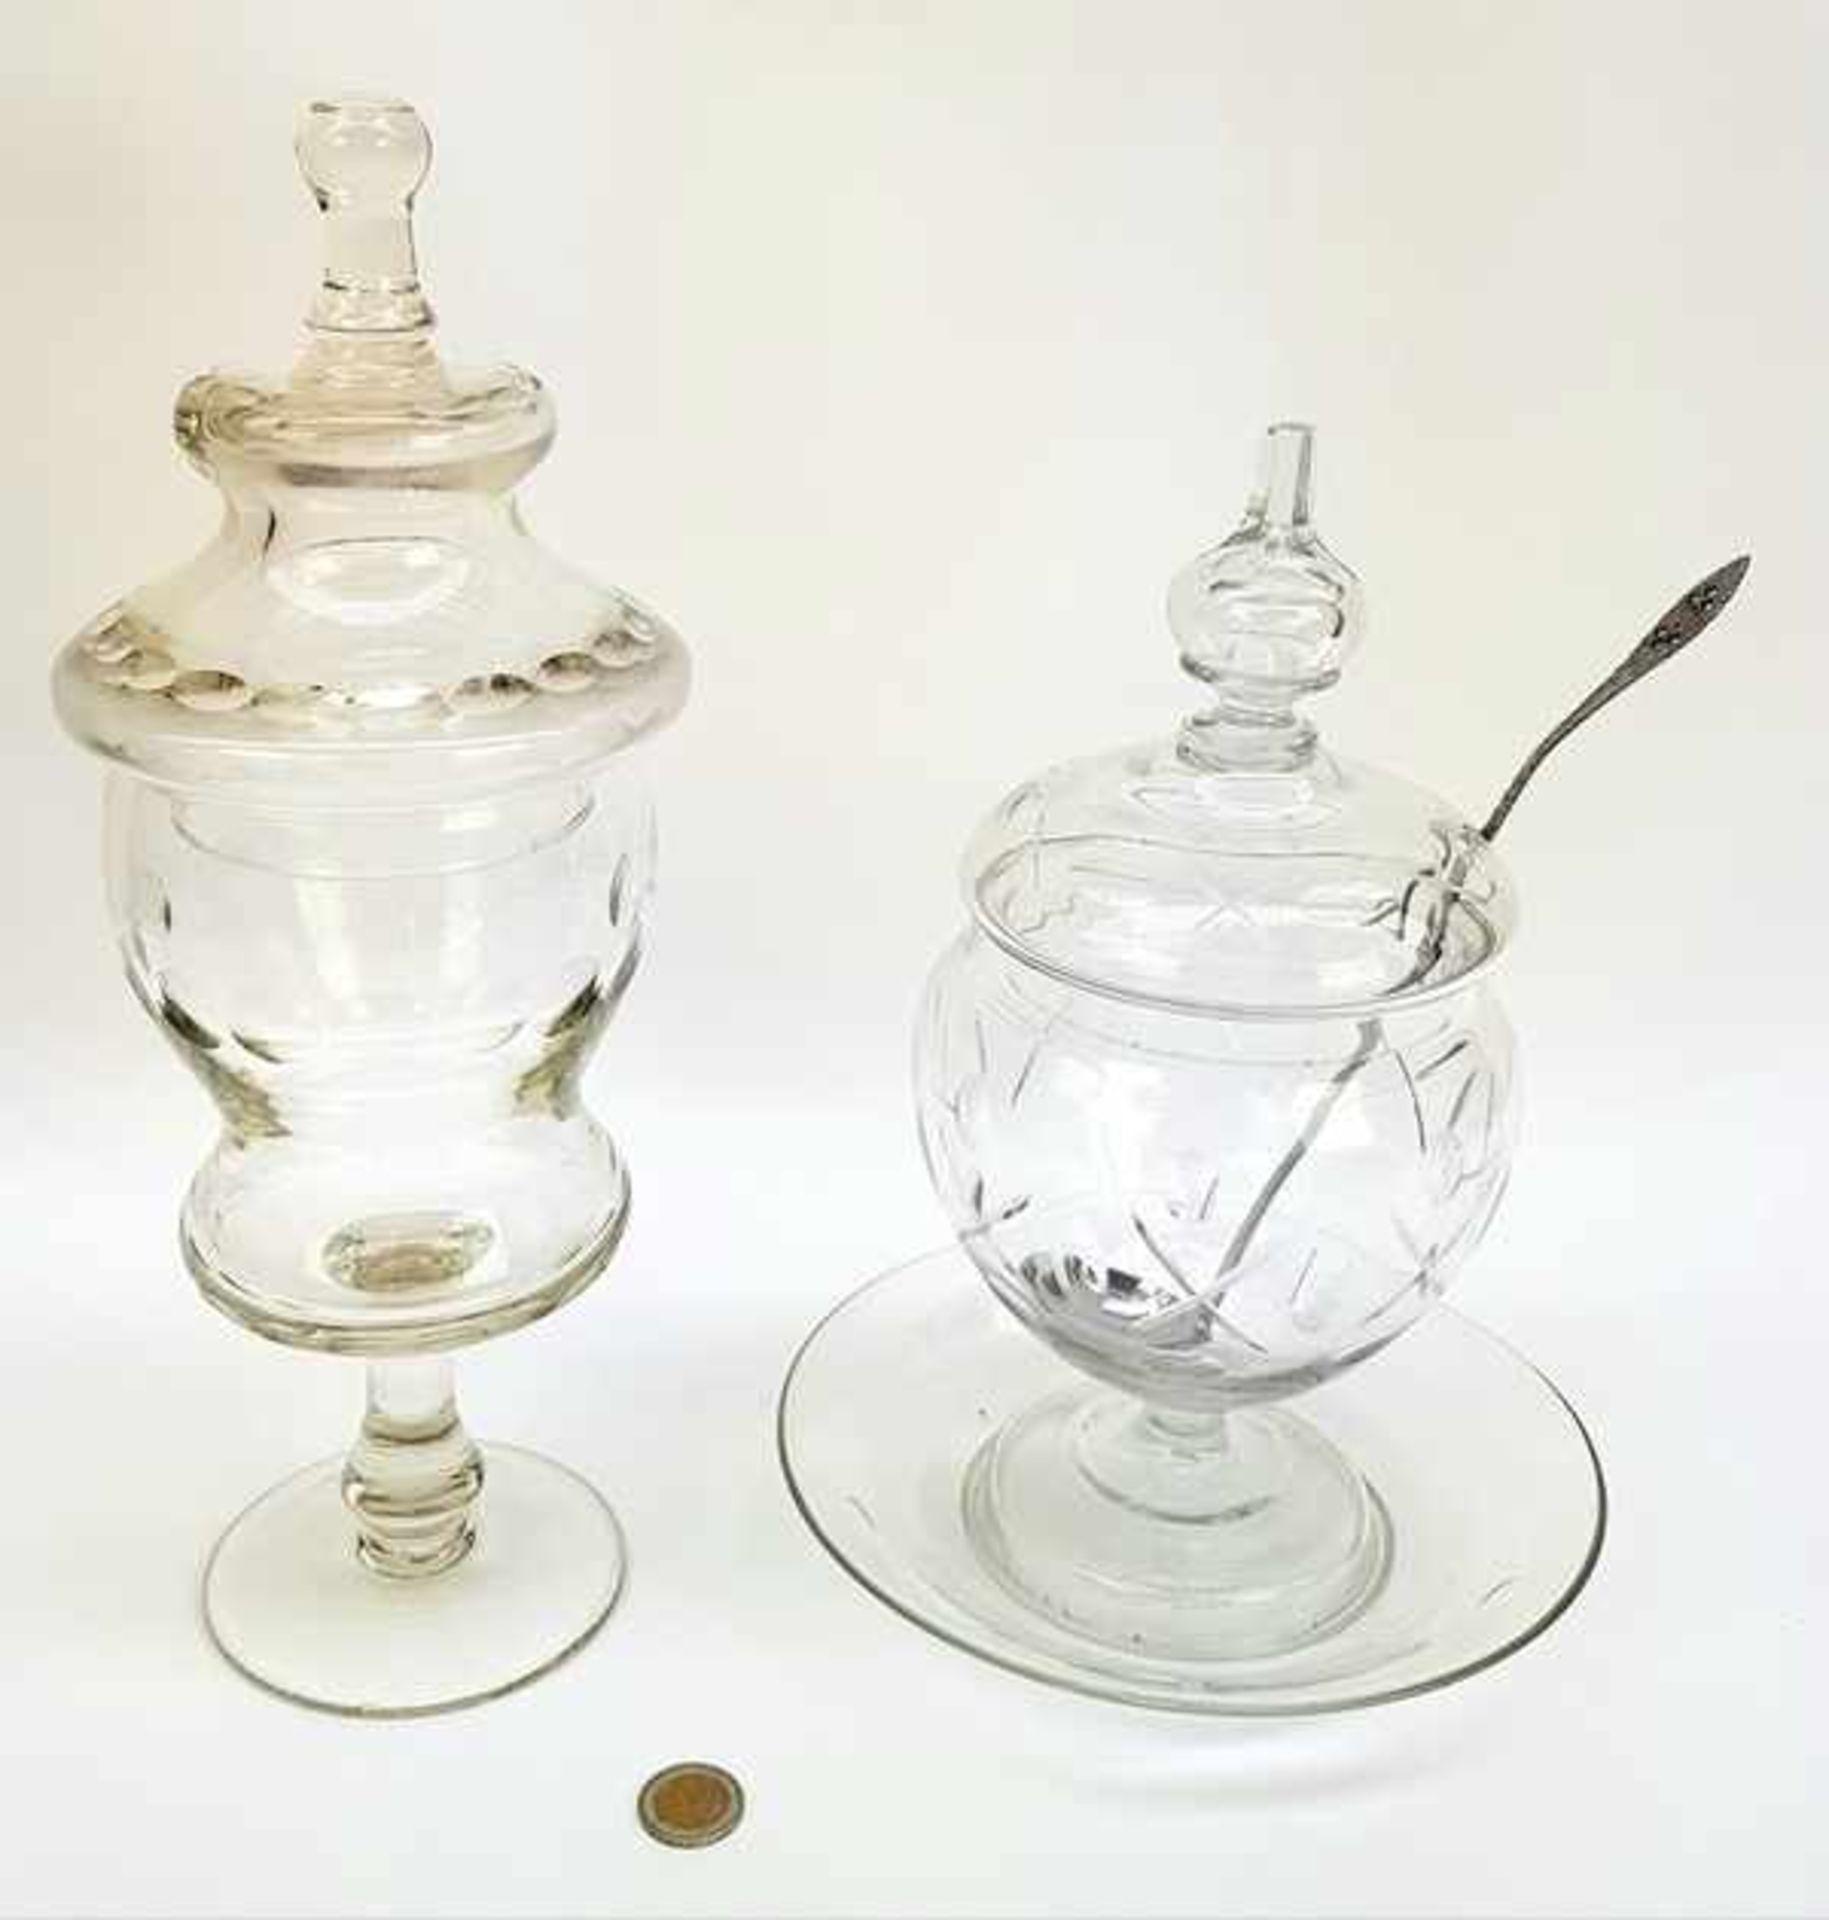 (Antiek) Glazen koekjespot en bowl schaal - Image 2 of 7